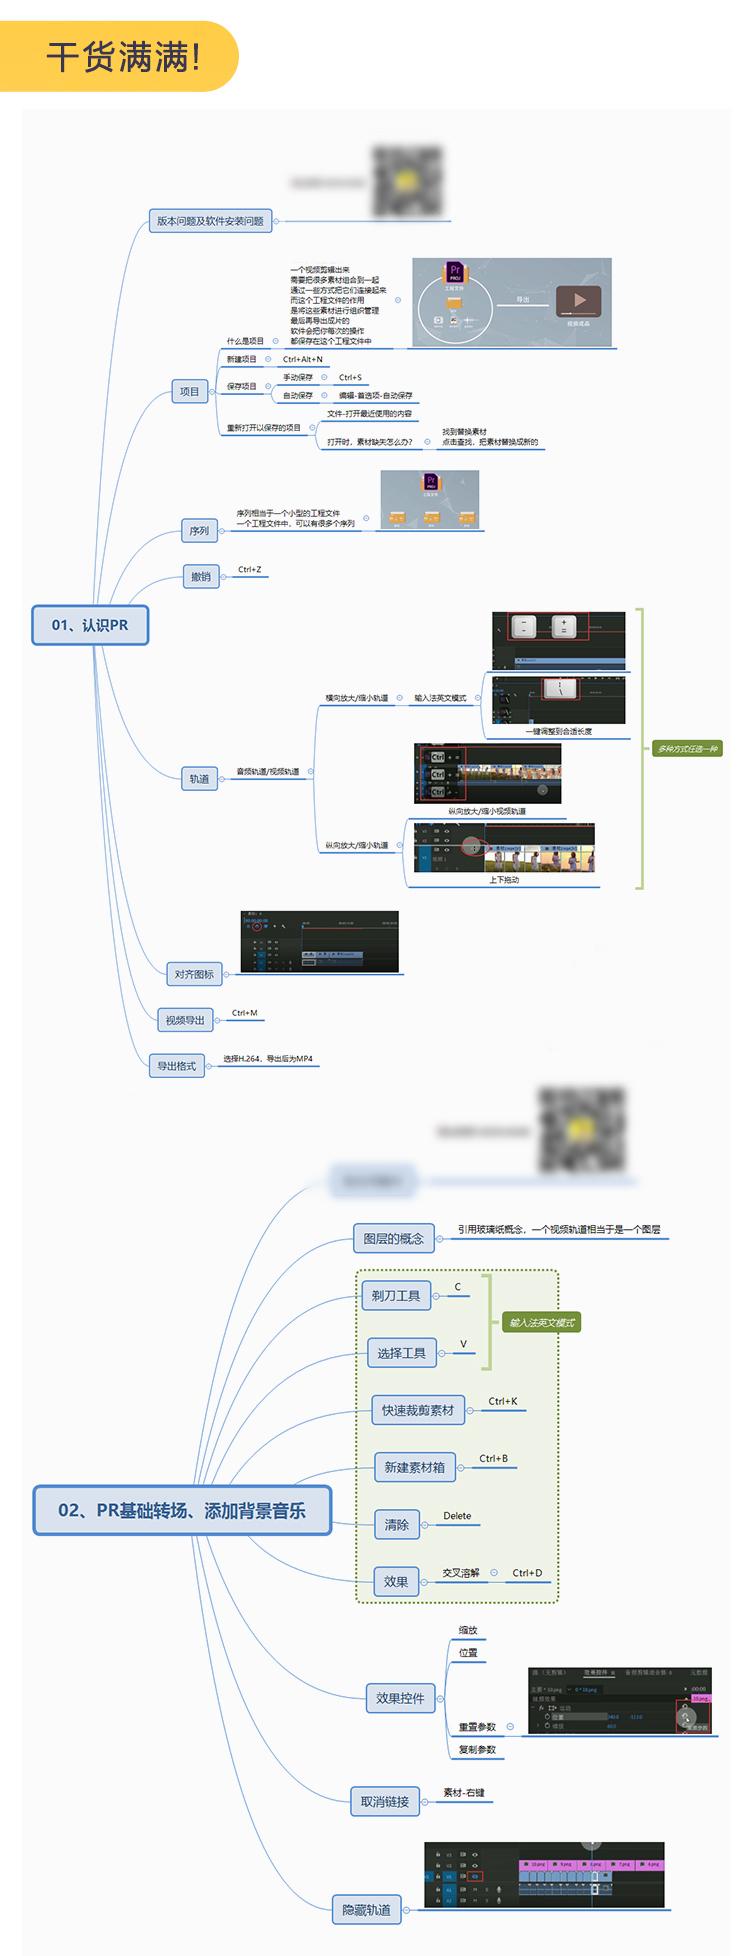 小白视频制作入门教程宝贝描述_05.jpg